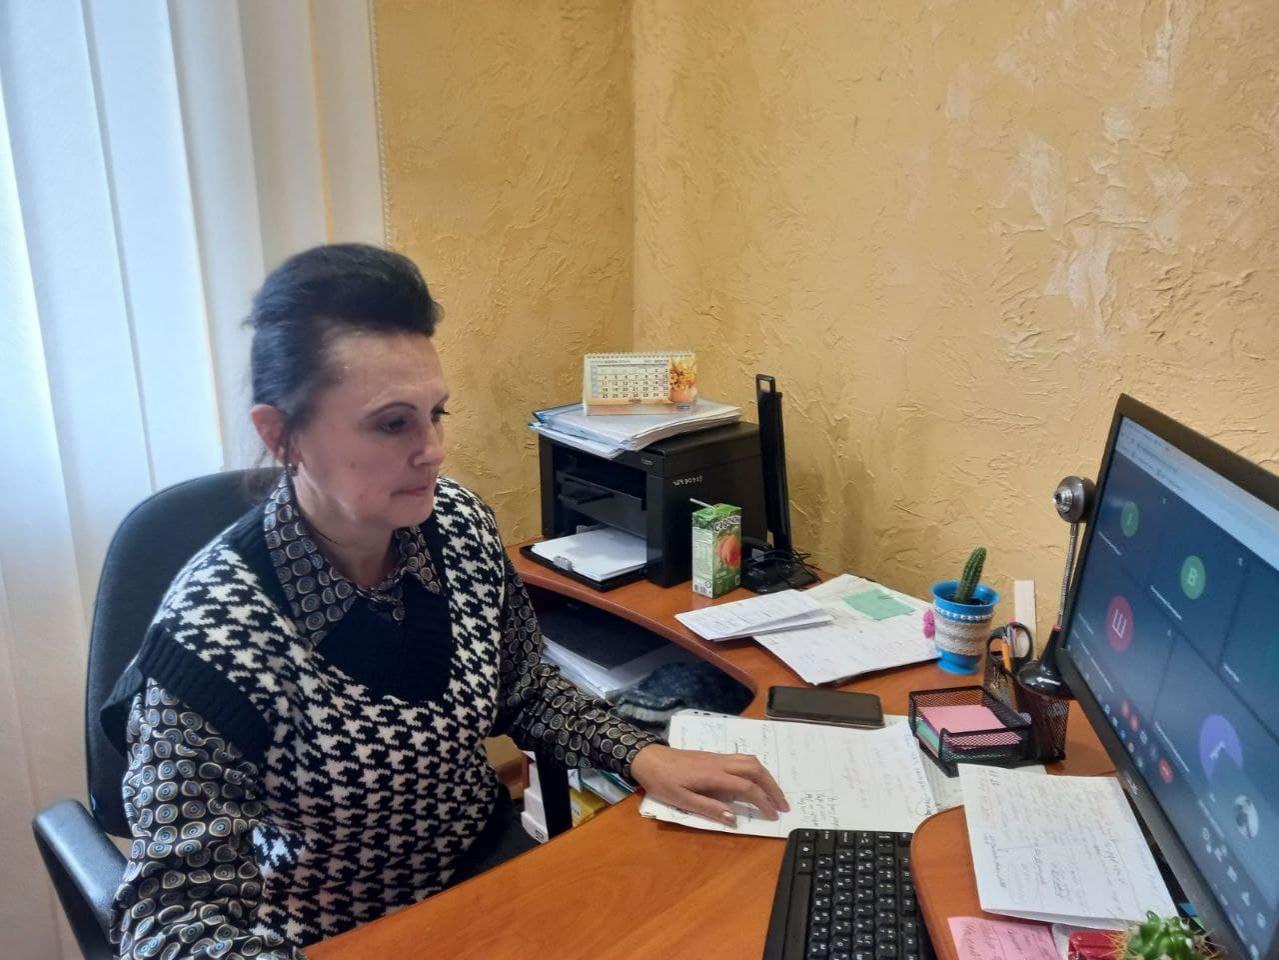 http://dunrada.gov.ua/uploadfile/archive_news/2021/10/13/2021-10-13_10000/images/images-57319.jpg